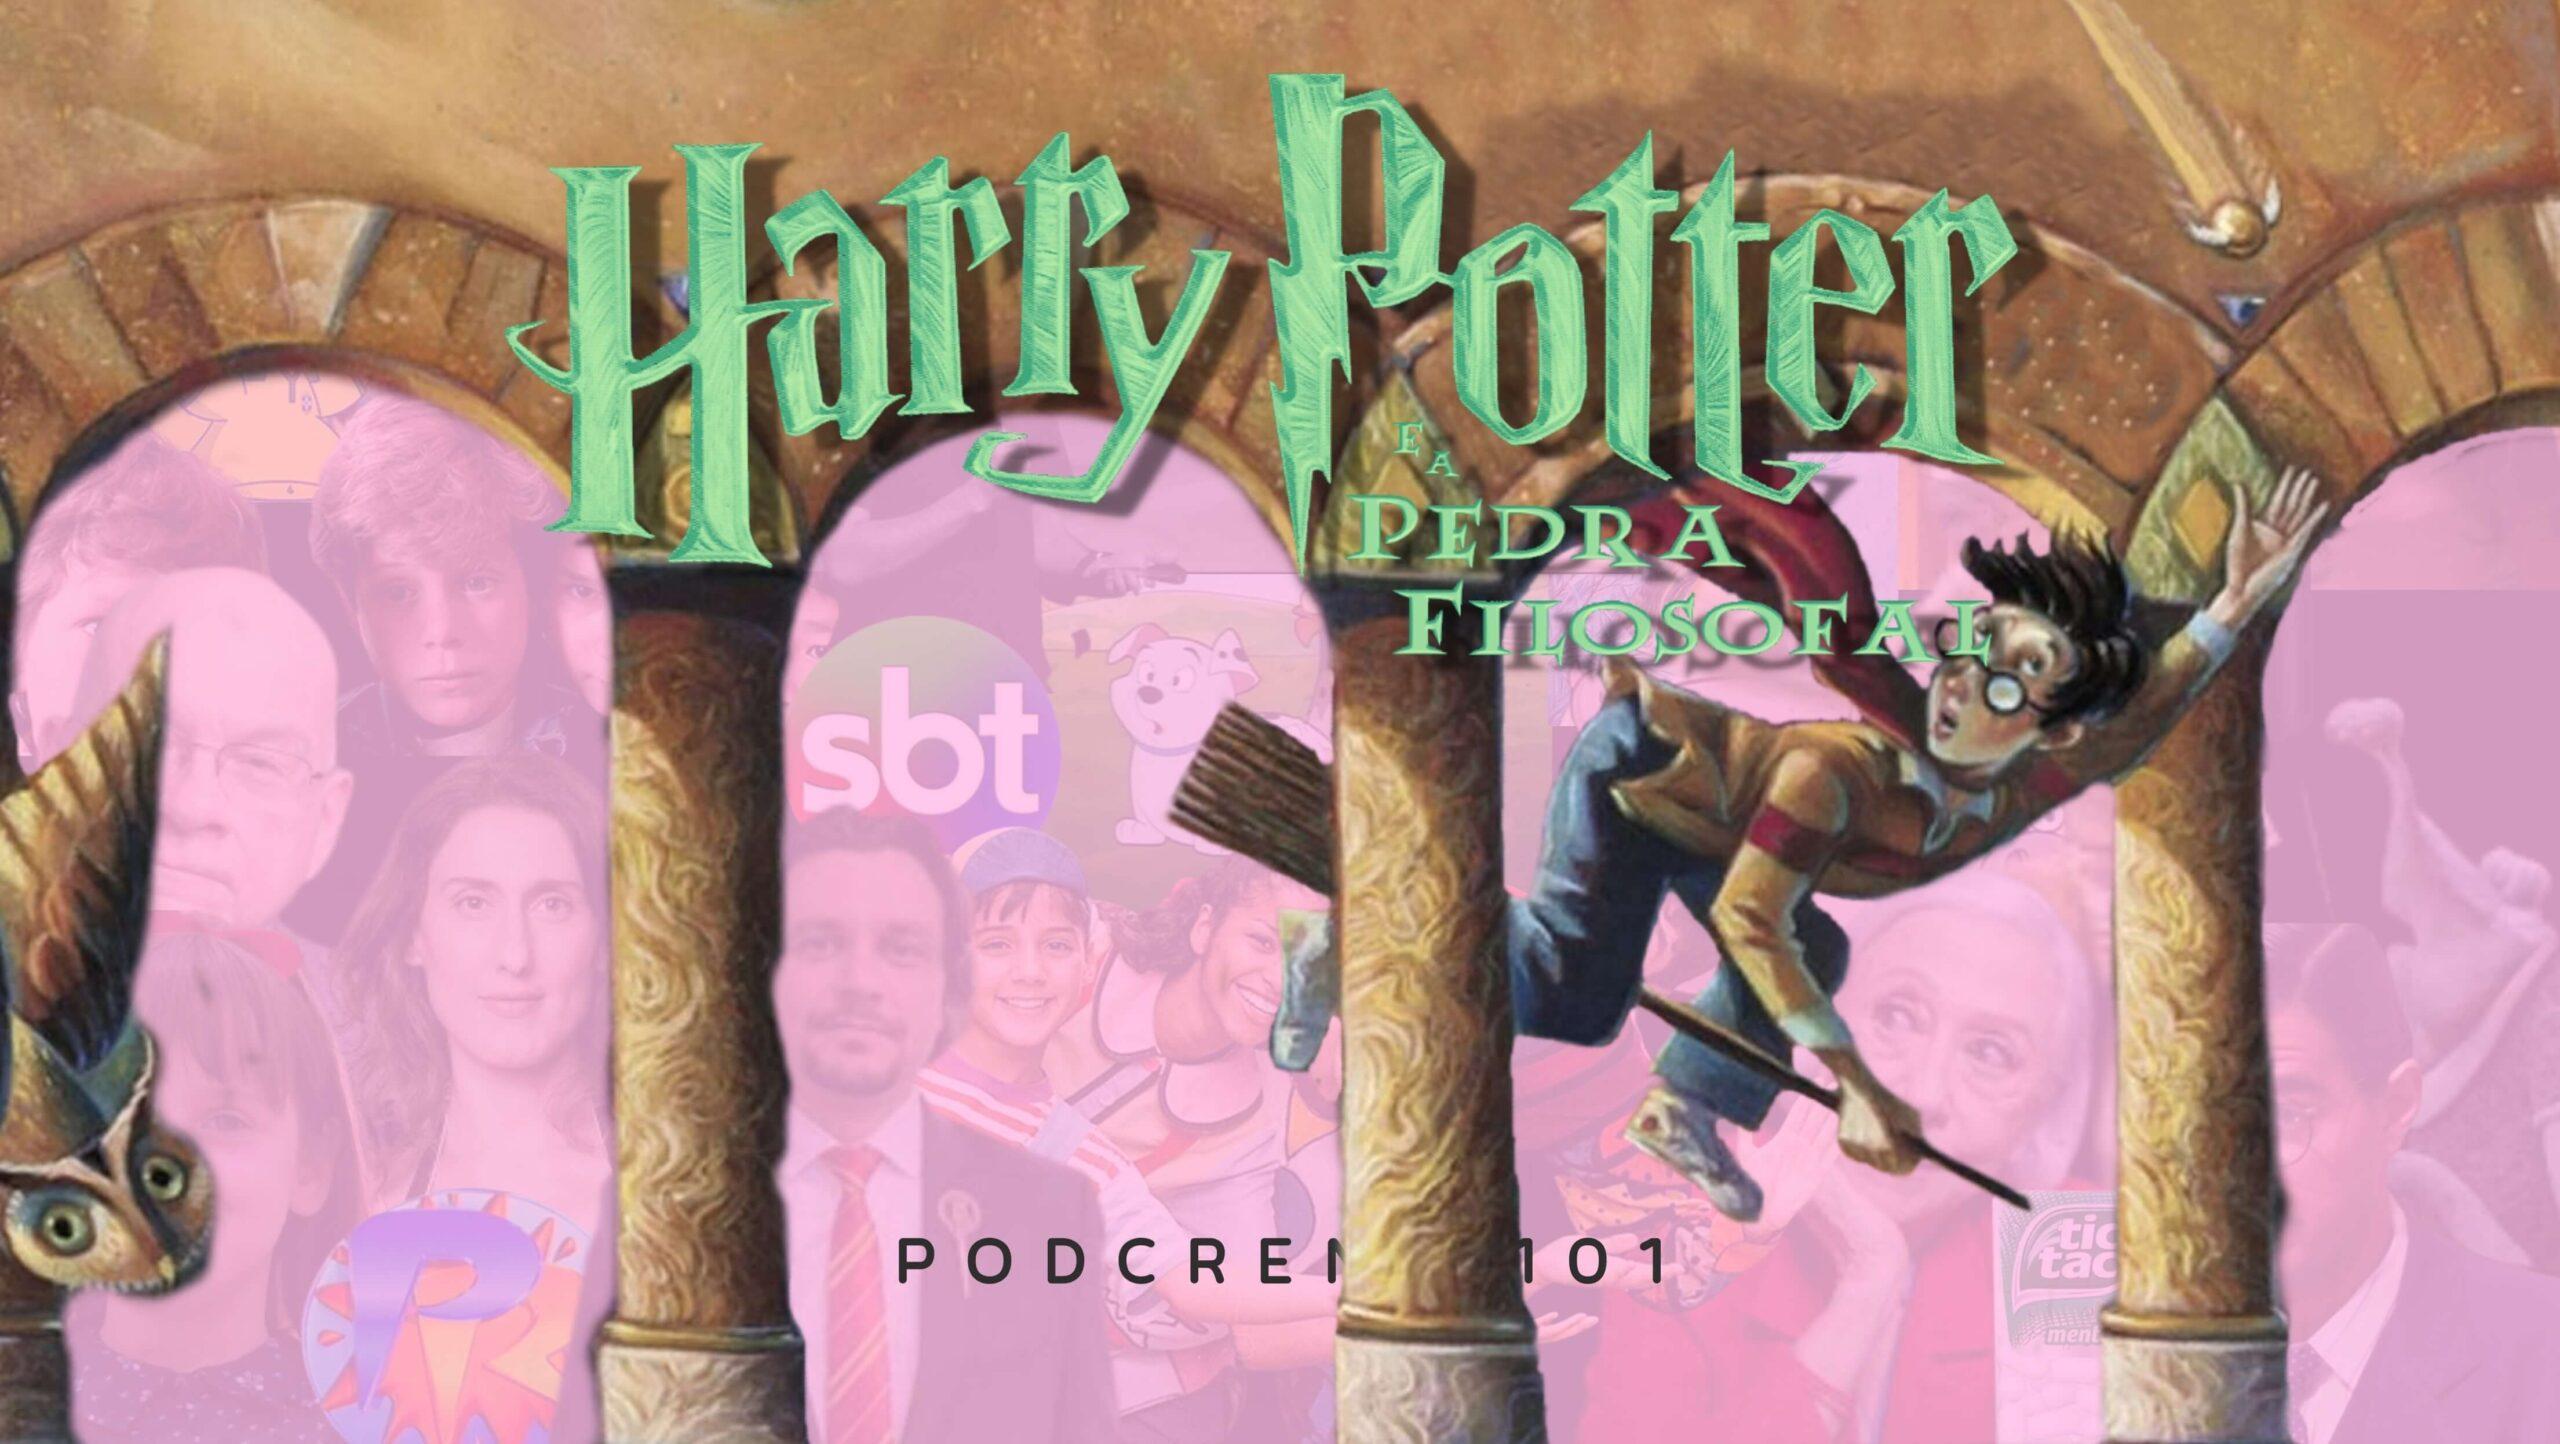 """Plano de fundo rosa claro. Acima o letreiro """"Harry Potter e a Pedra Filosofal"""". Abaixo o letreiro """"Podcrent 101"""" 2 imagem do personagem Harry Potter montado em uma vassoura."""